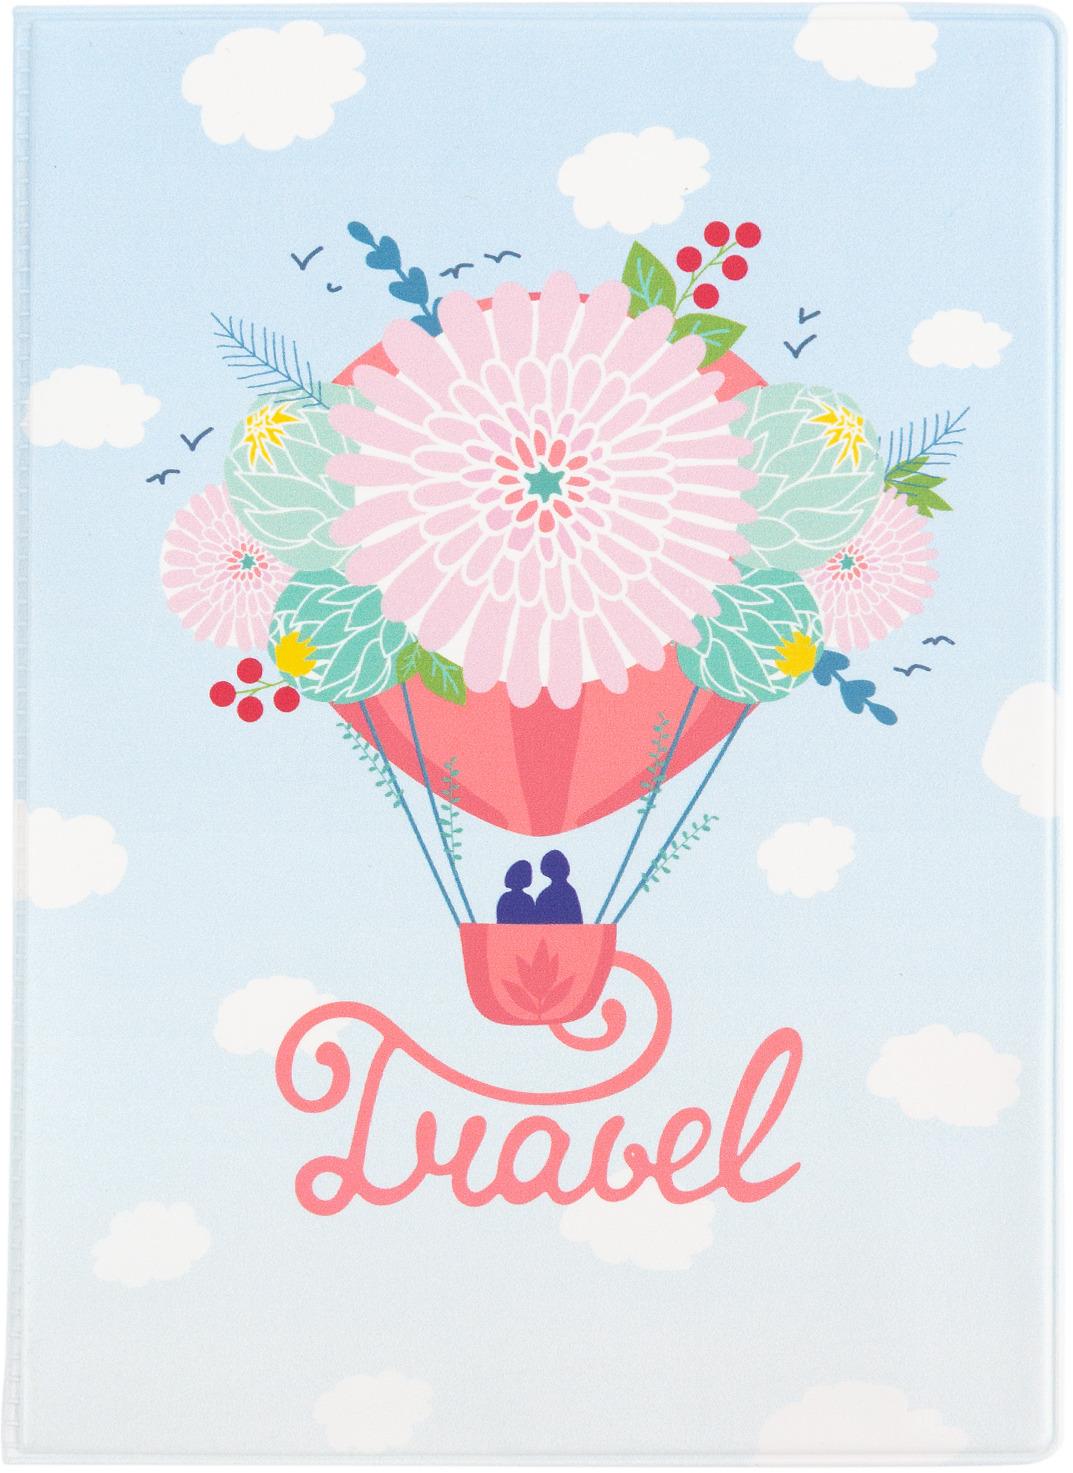 Обложка для паспорта Kawaii Factory Travel, цвет: зеленый, розовый, голубой. KW064-000370 обложка для автодокументов kawaii factory инструкция летчику цвет зеленый kw063 000022